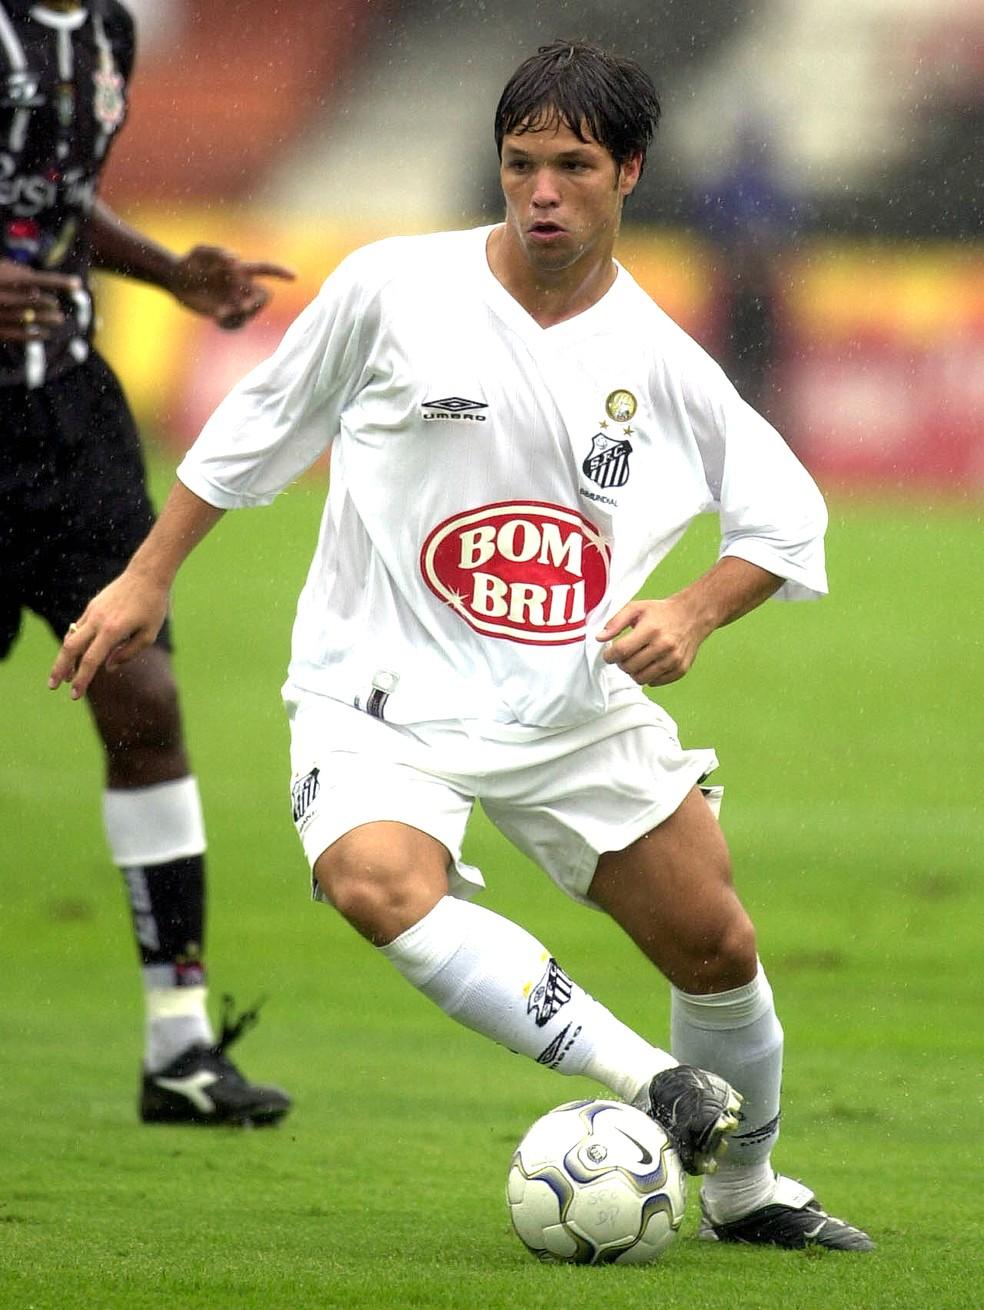 Diego foi um dos destaques da geração de Meninos da Vila campeã brasileira de 2002 (Foto: Jonne Roriz / Estadão Conteúdo )